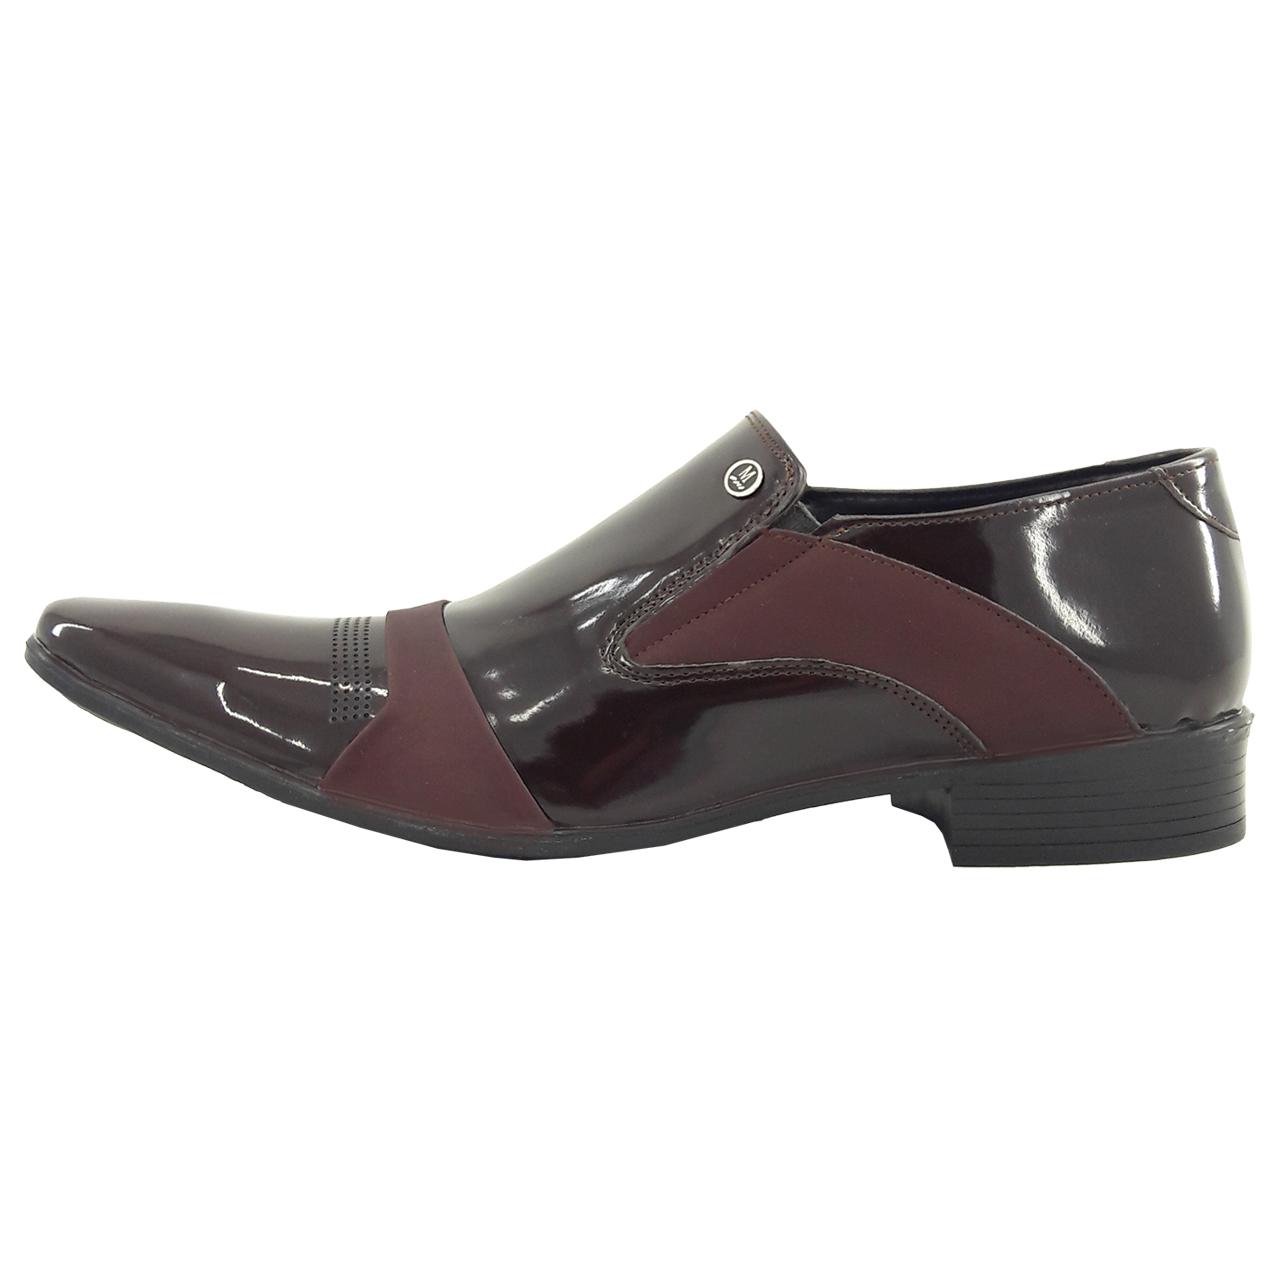 کفش مردانه مدل Mhrd.m.brw01